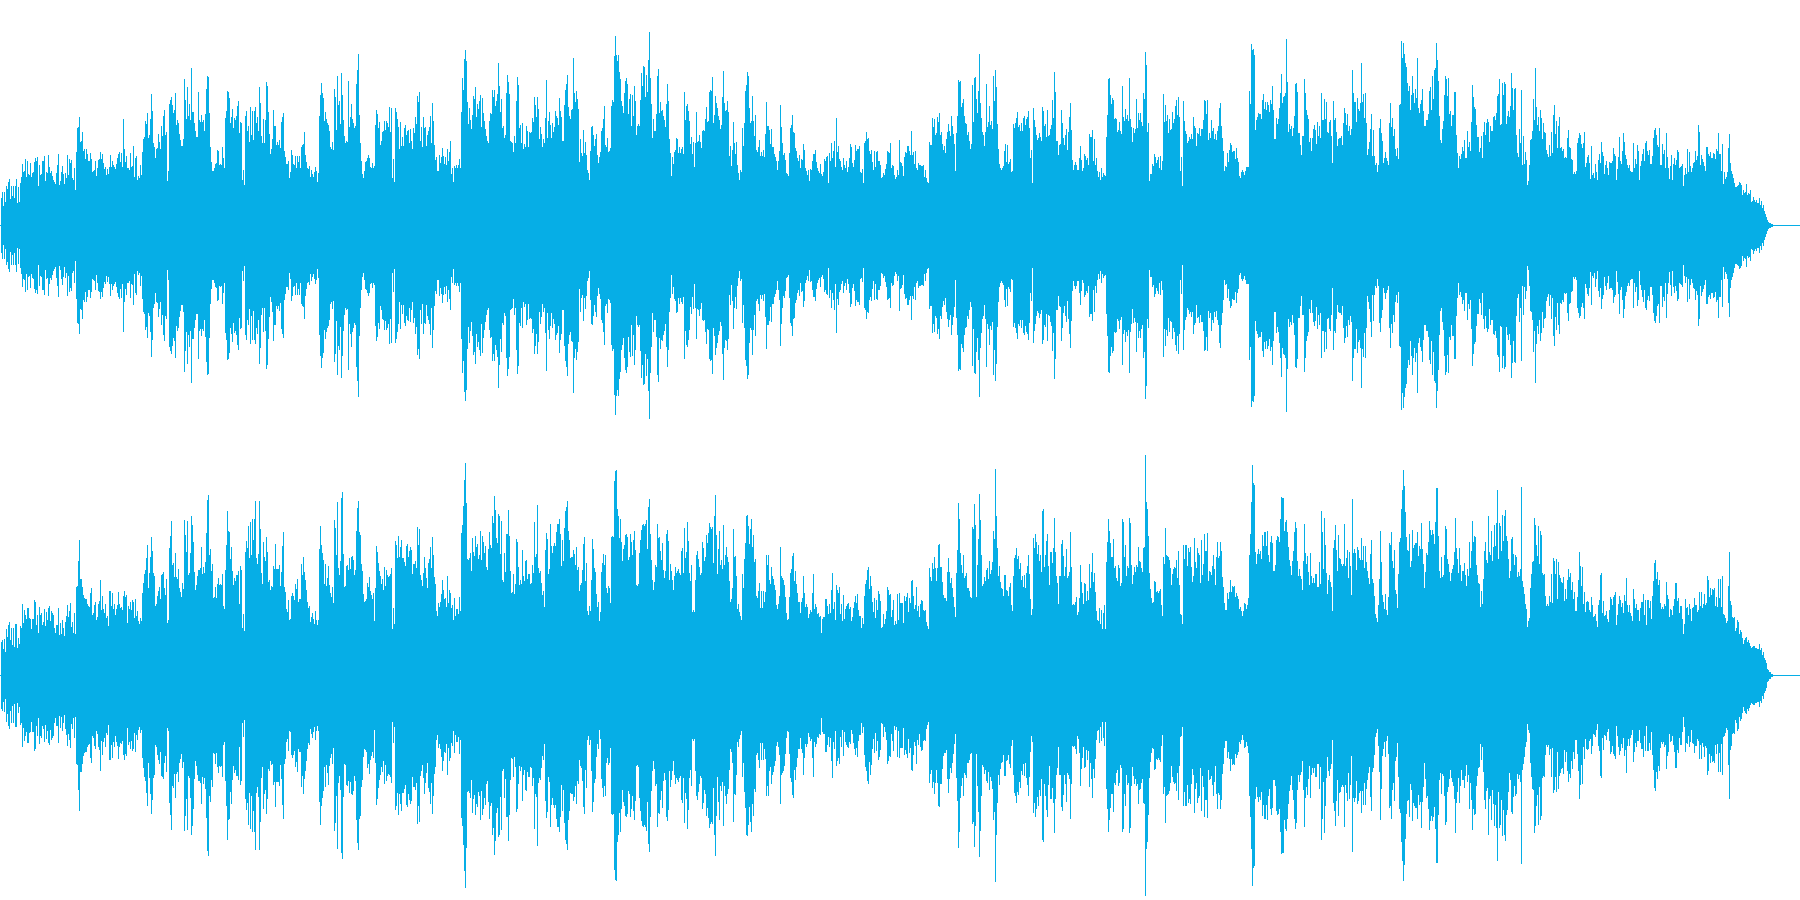 幻想的で孤独なイメージのBGMの再生済みの波形